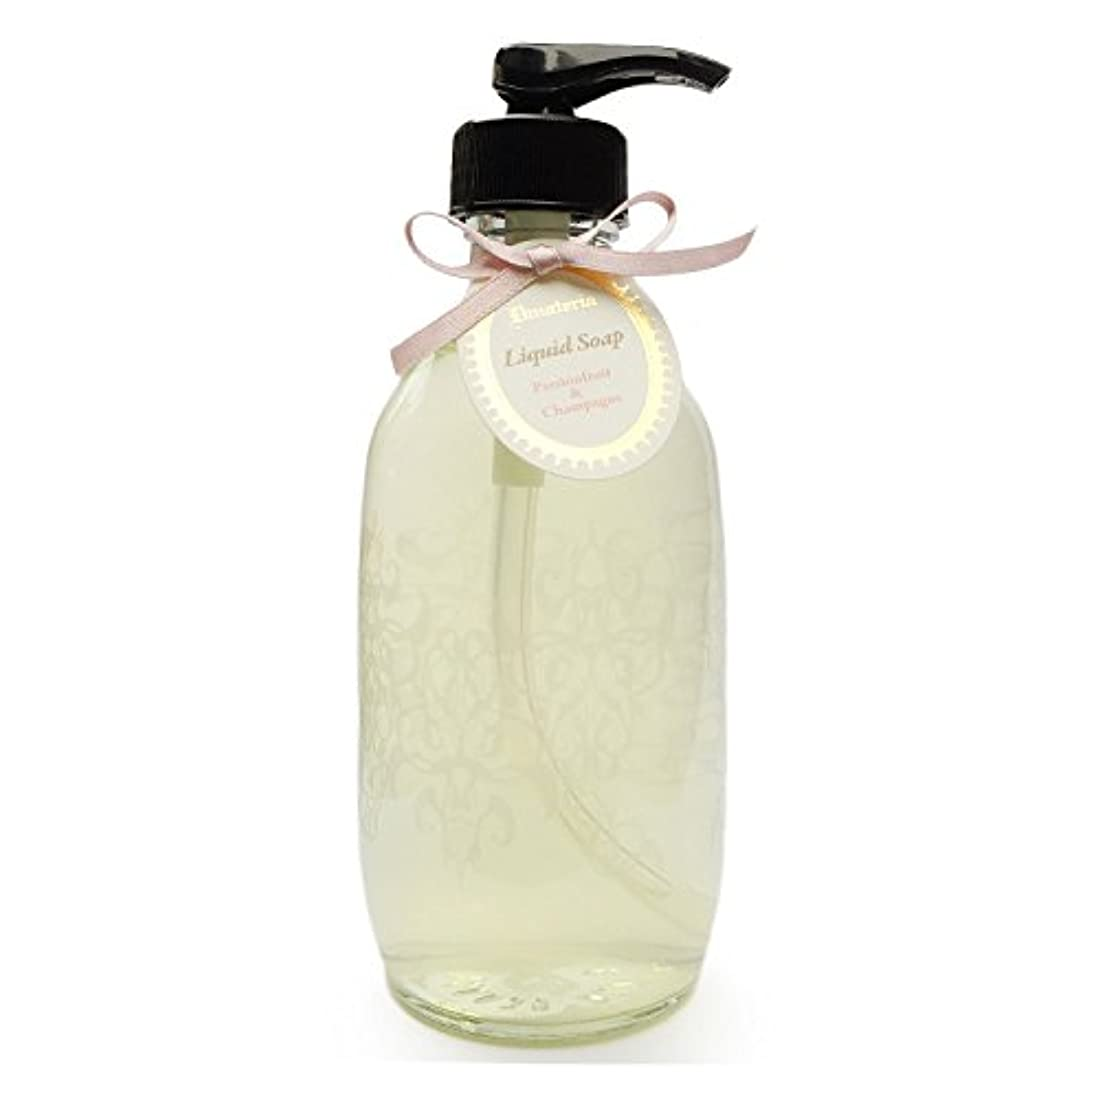 乳白色集計ポーンD materia リキッドソープ パッションフルーツ&シャンパン Passionfruit&Champagne Liquid Soap ディーマテリア